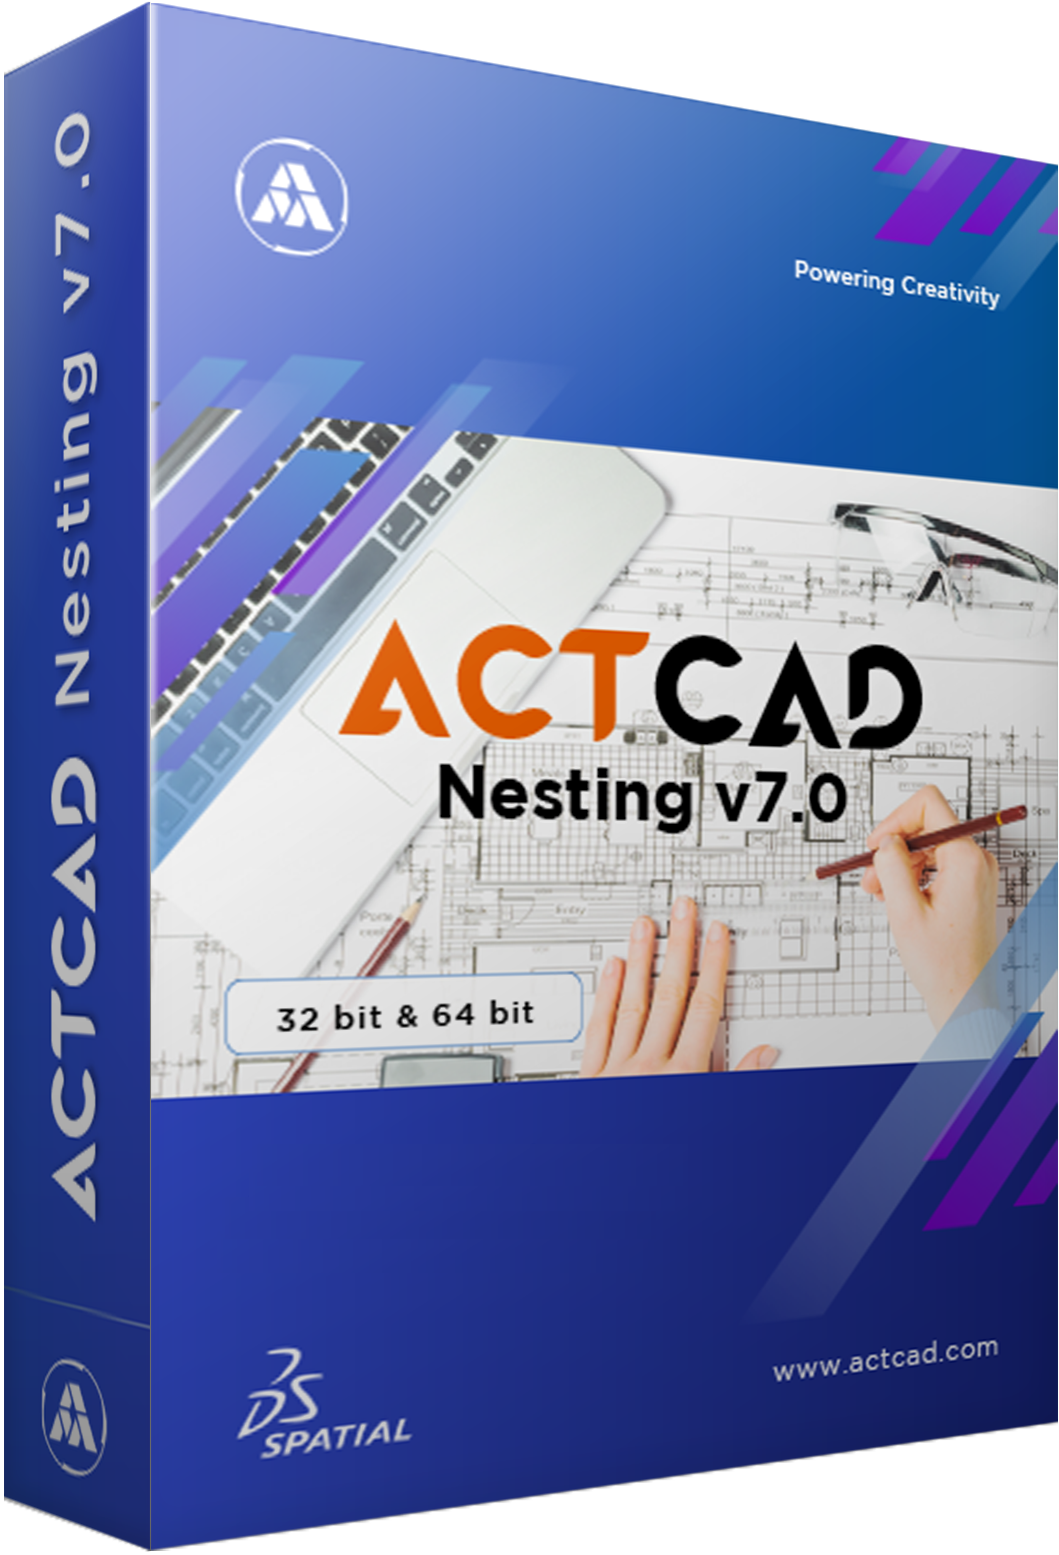 ACTCAD-Nesting-v7.0-Product-Box-v1